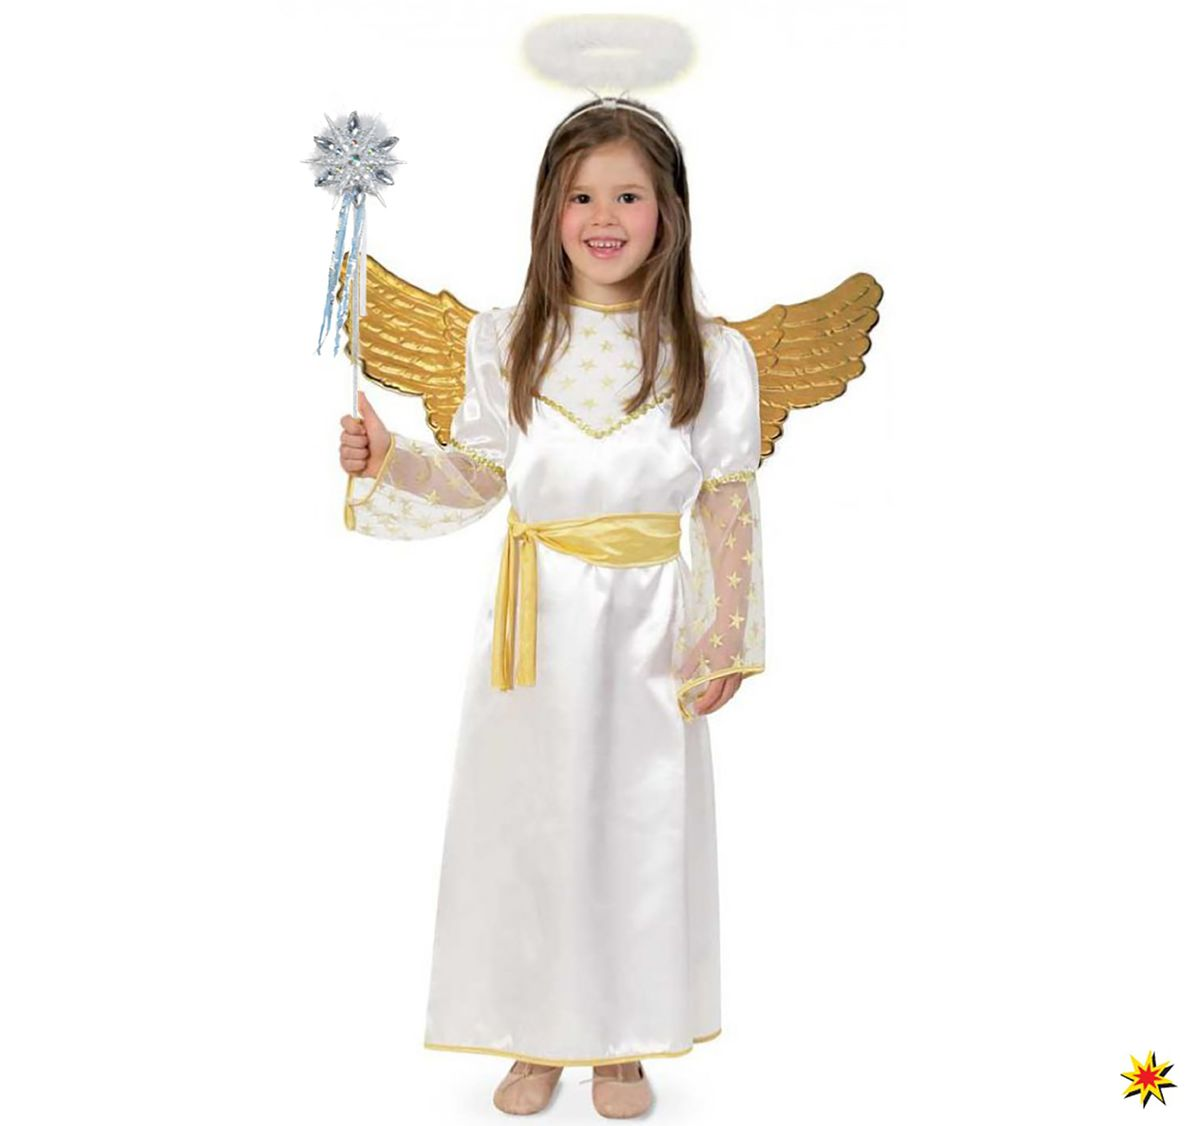 Komplett-Kostüm goldener Engel Krippenspiel Weihnachtsengel Kinder Kostüm Fasching Karneval Mottoparty Weihnachten